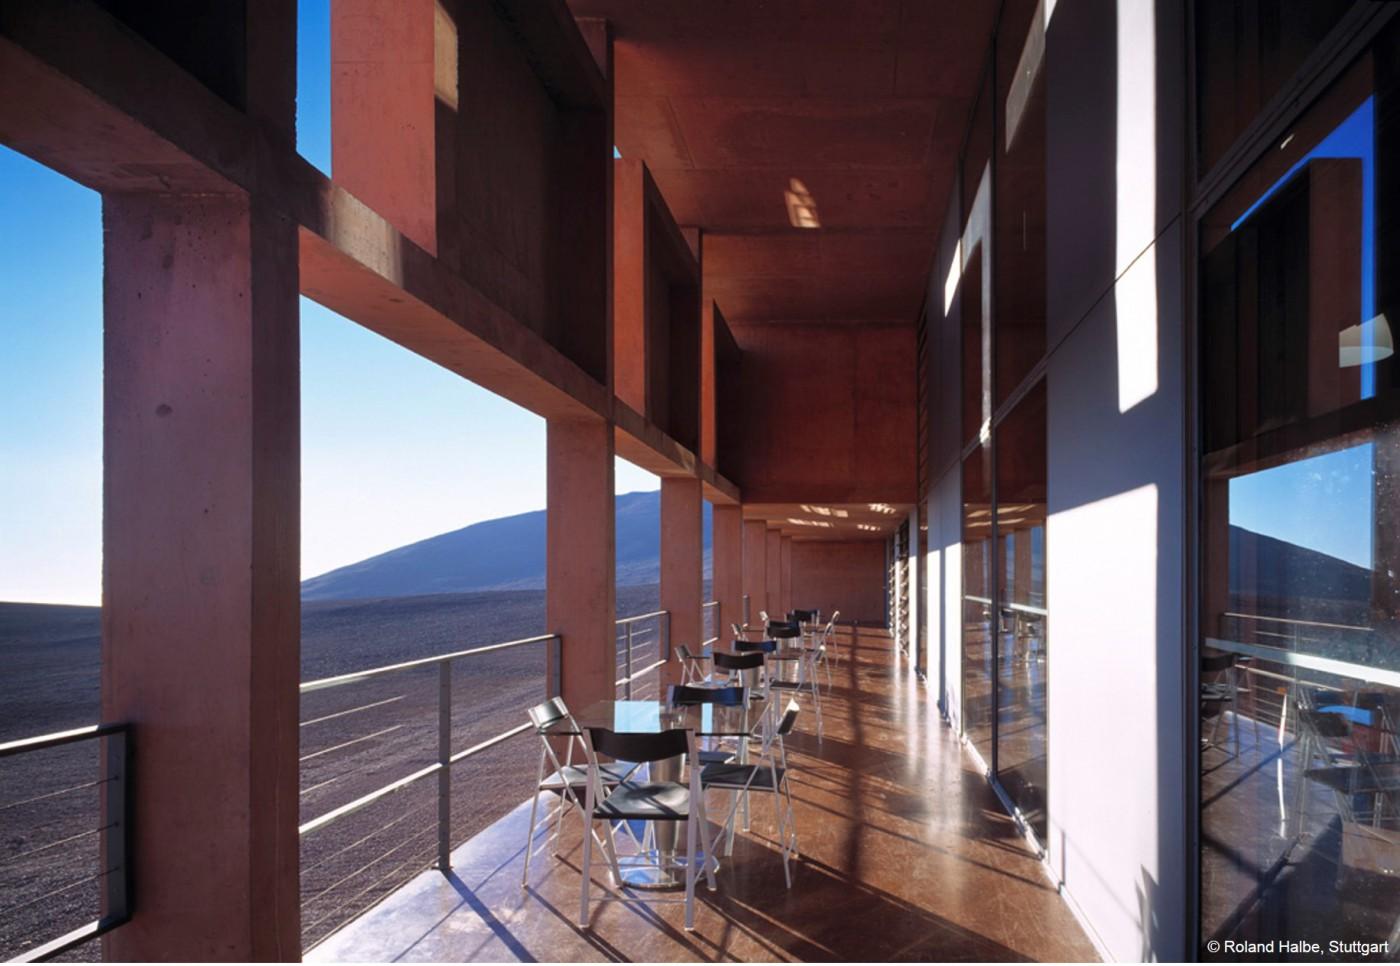 Hotel_Gastronomie_Hotel_ESO_Cerro_Paranal_Copyright Roland Halbe_2